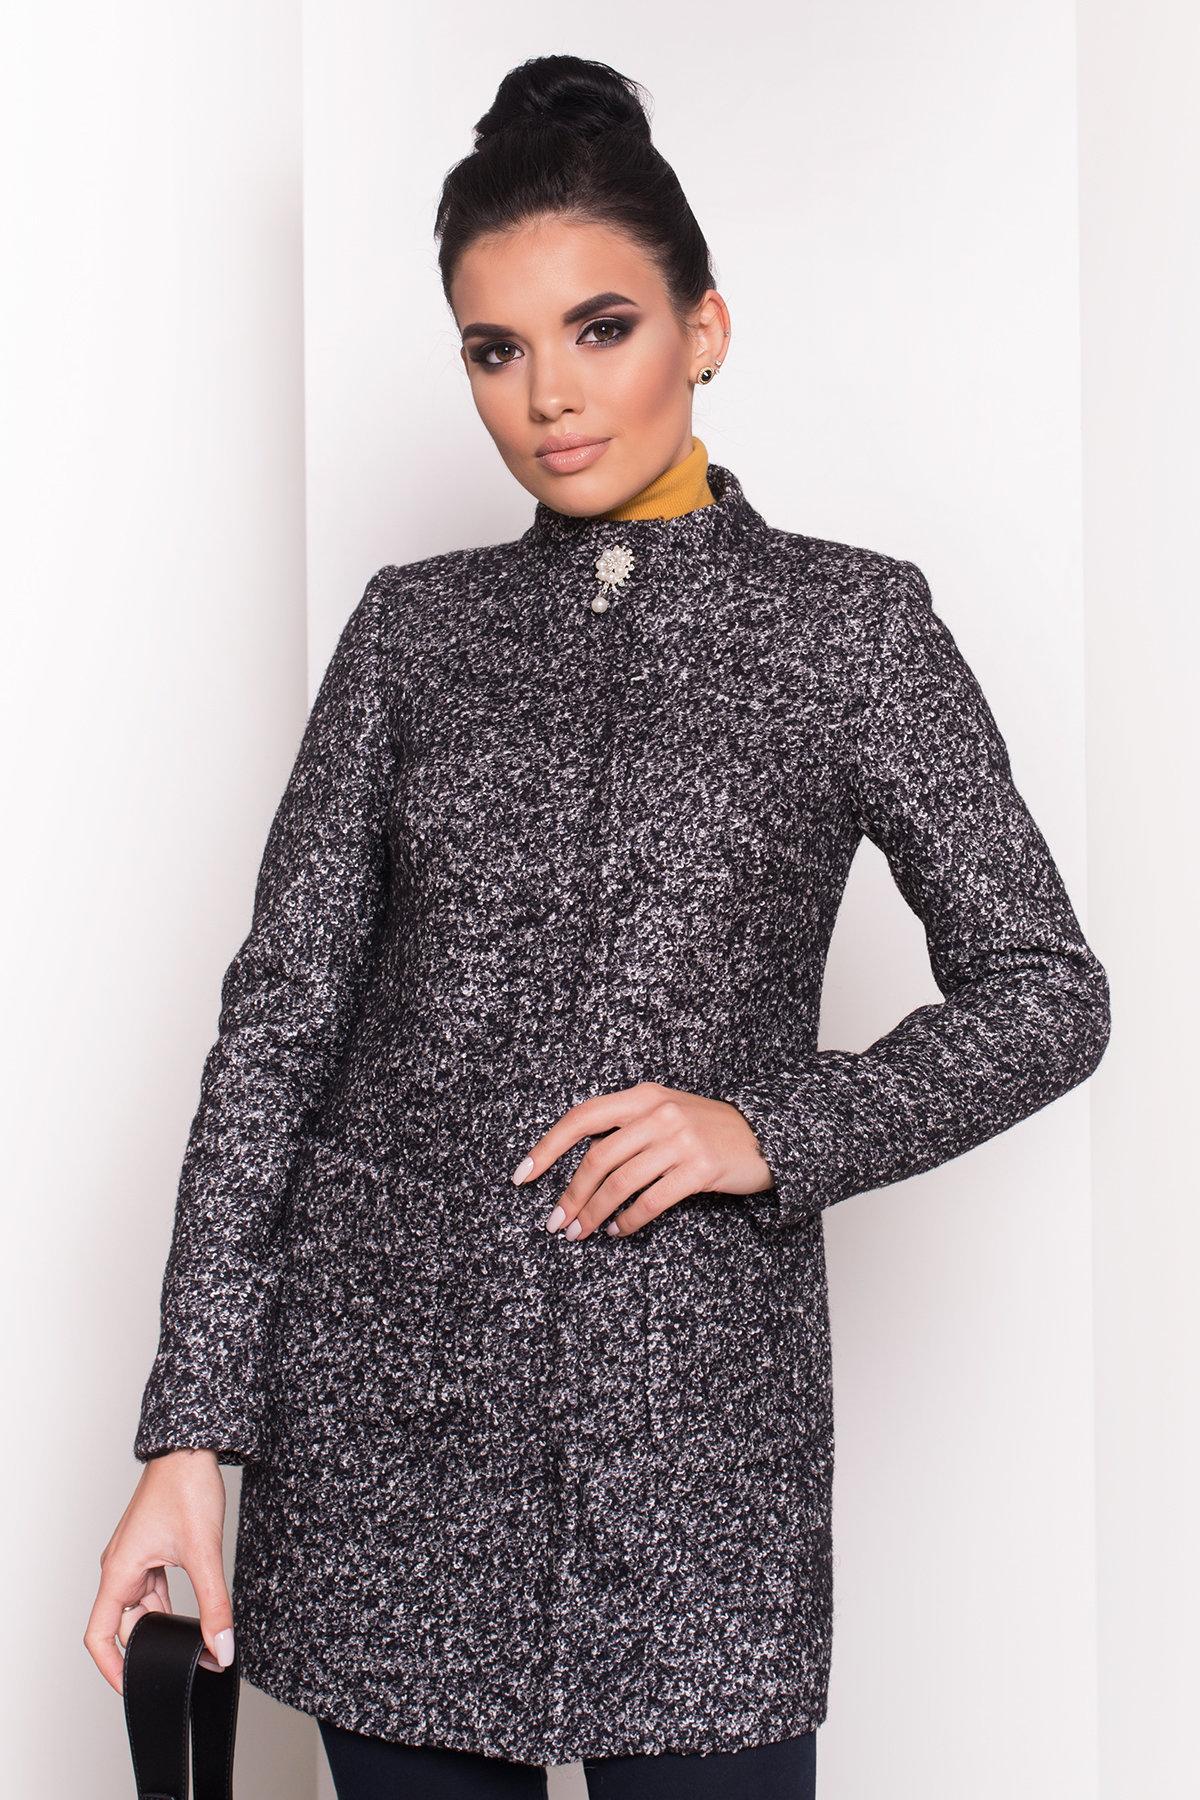 Пальто Мелини 0442 АРТ. 6776 Цвет: Черный / серый 6 - фото 4, интернет магазин tm-modus.ru